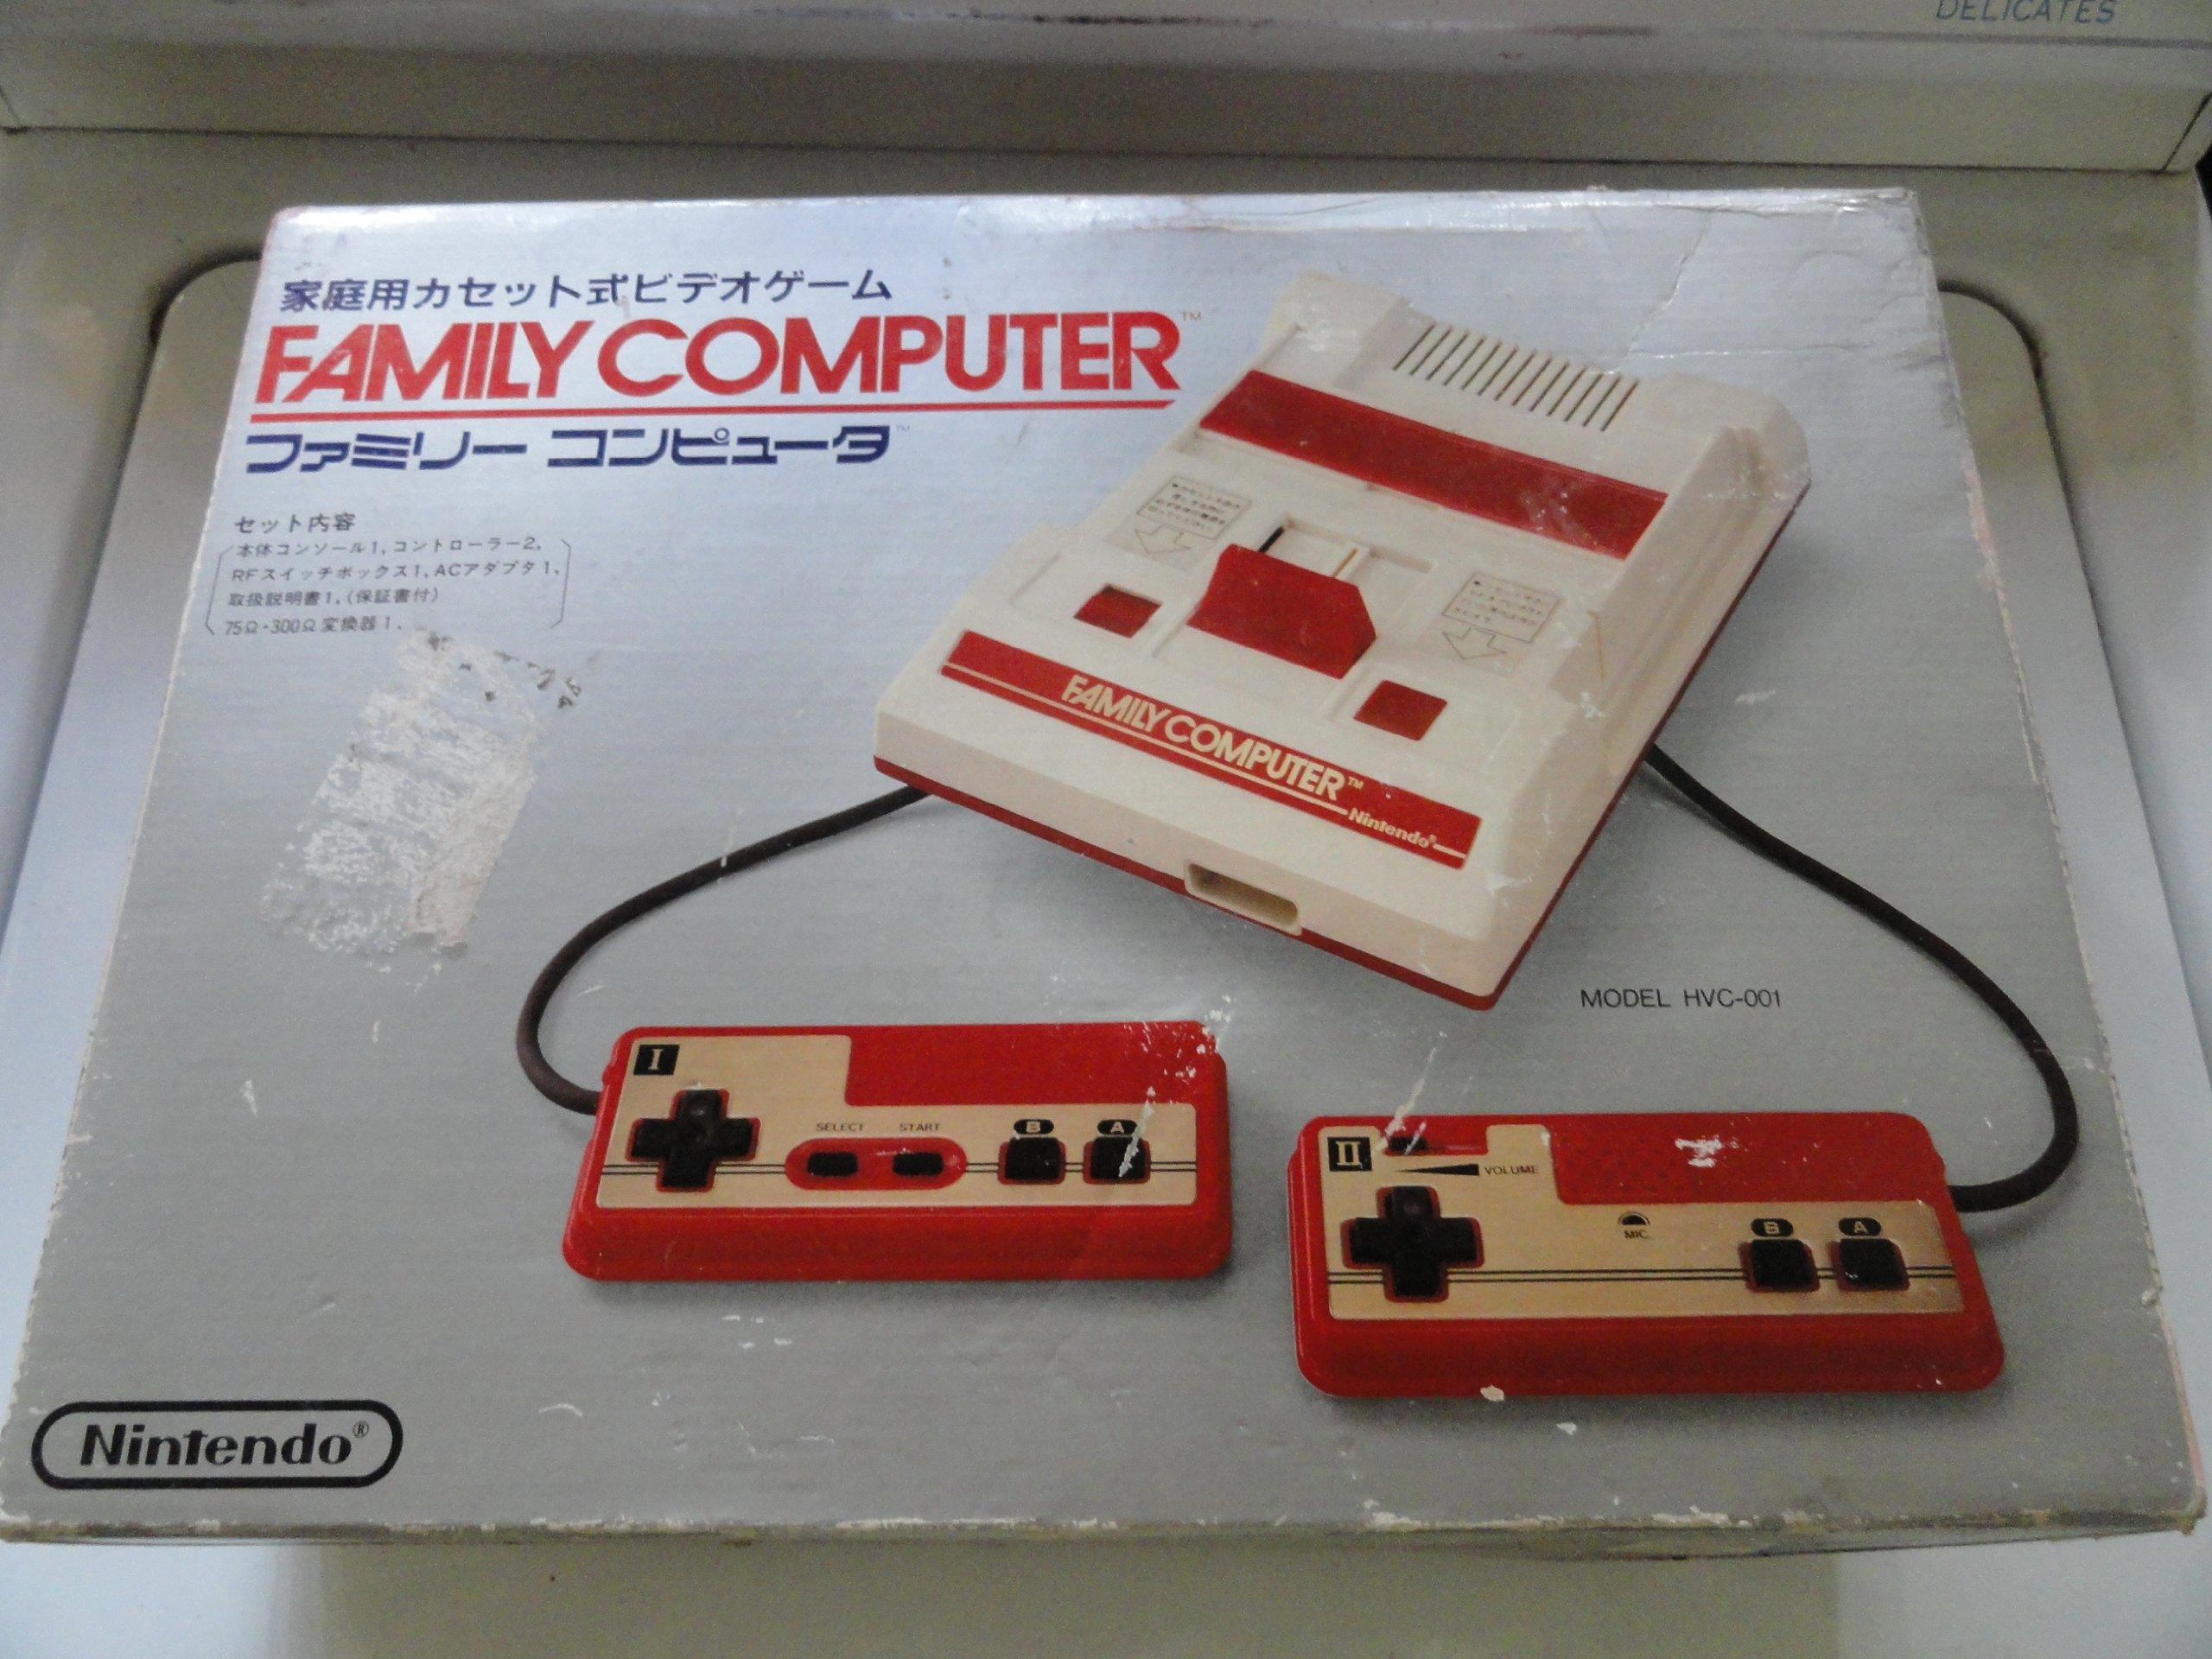 Nintendo Famicom (Family Computer System), Original 1983 Japanese Console by Nintendo